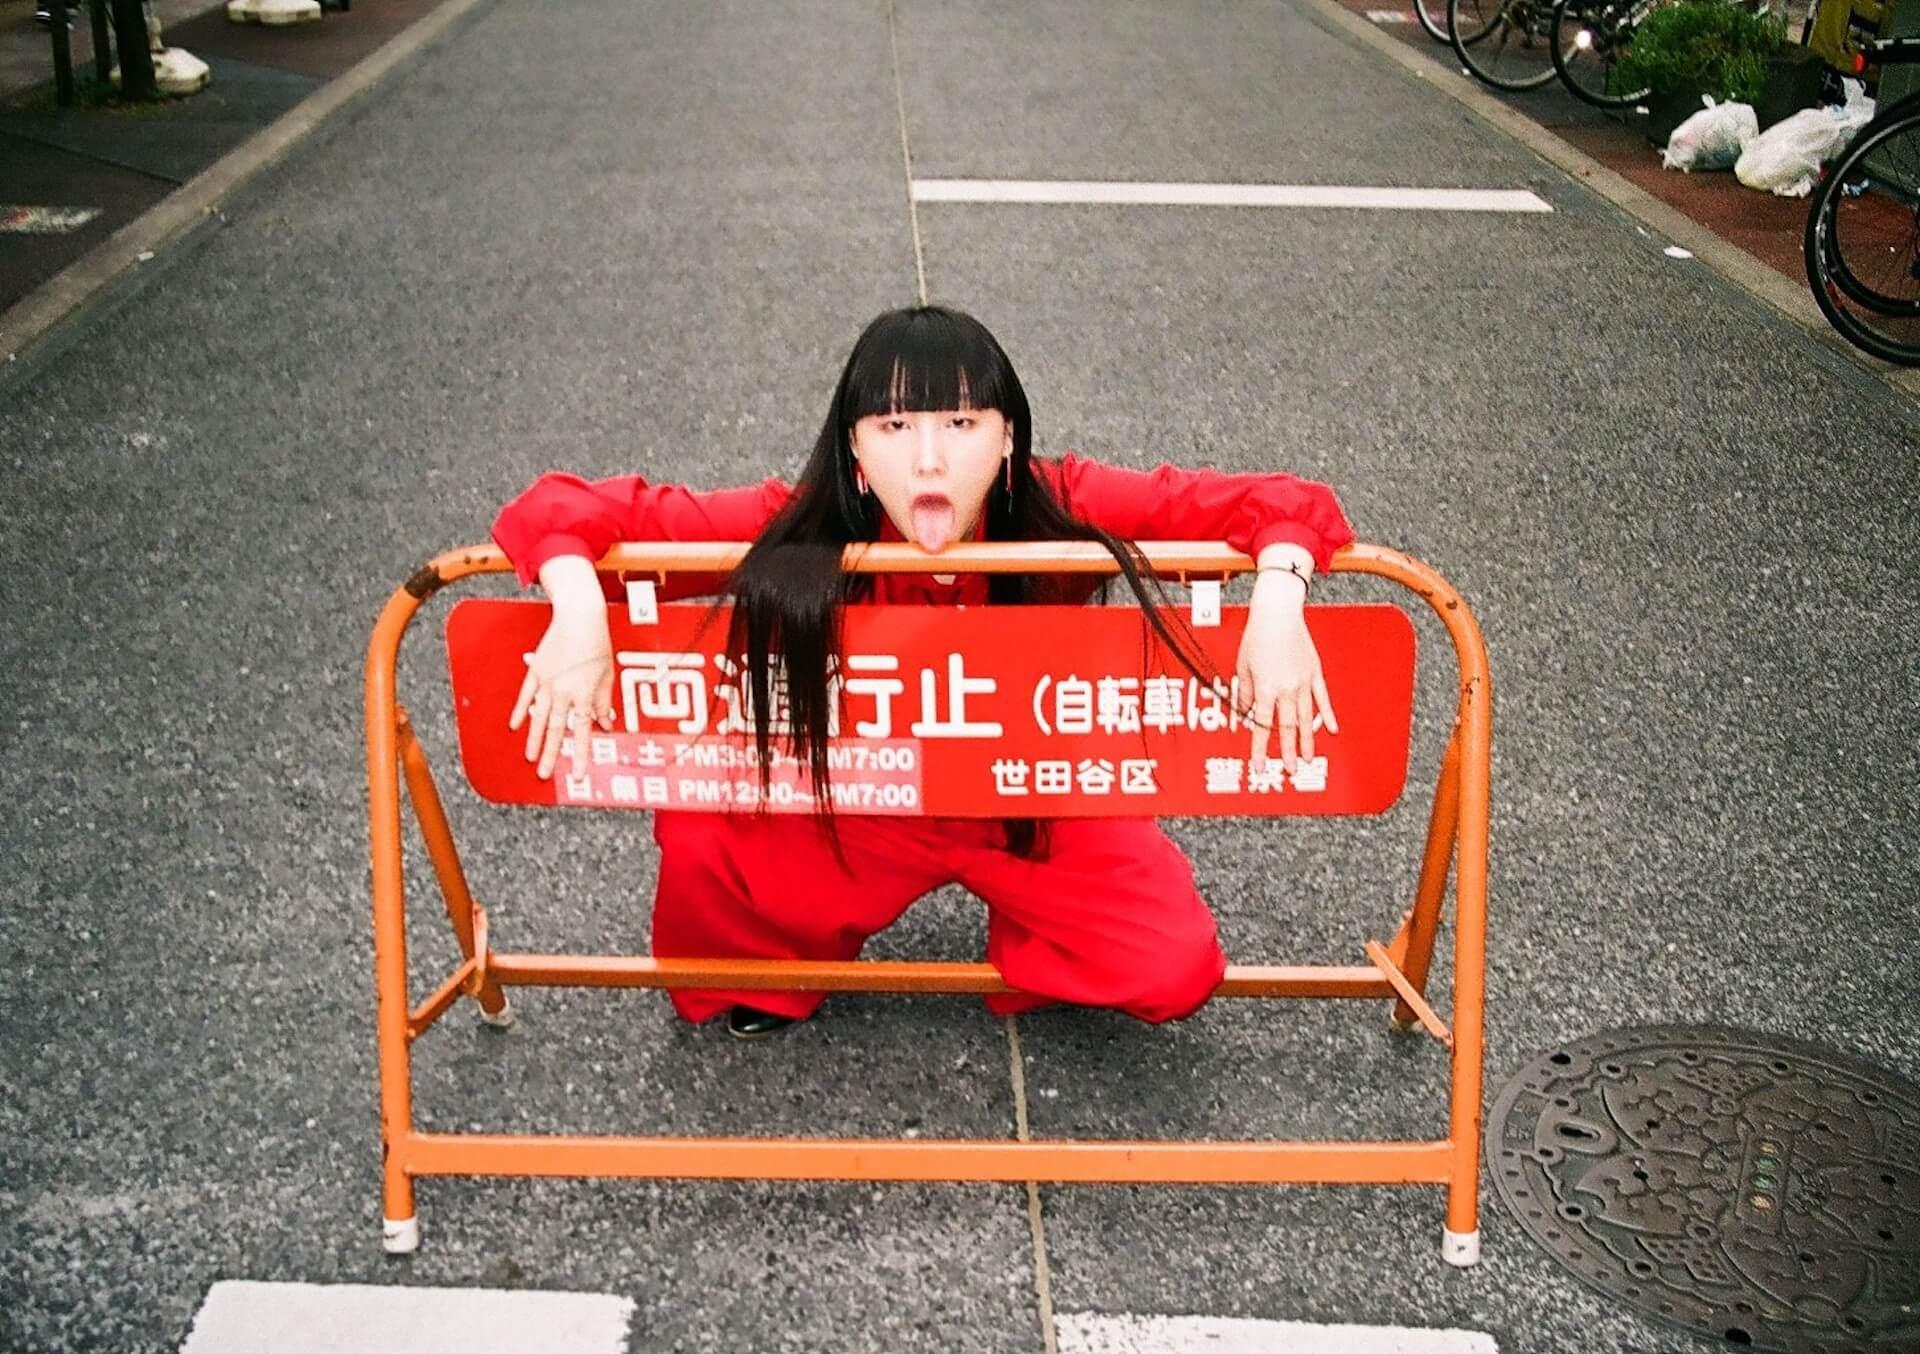 どうも東京の人にはなれなかったらしい|生き息コンプレックス rarara-complex-3